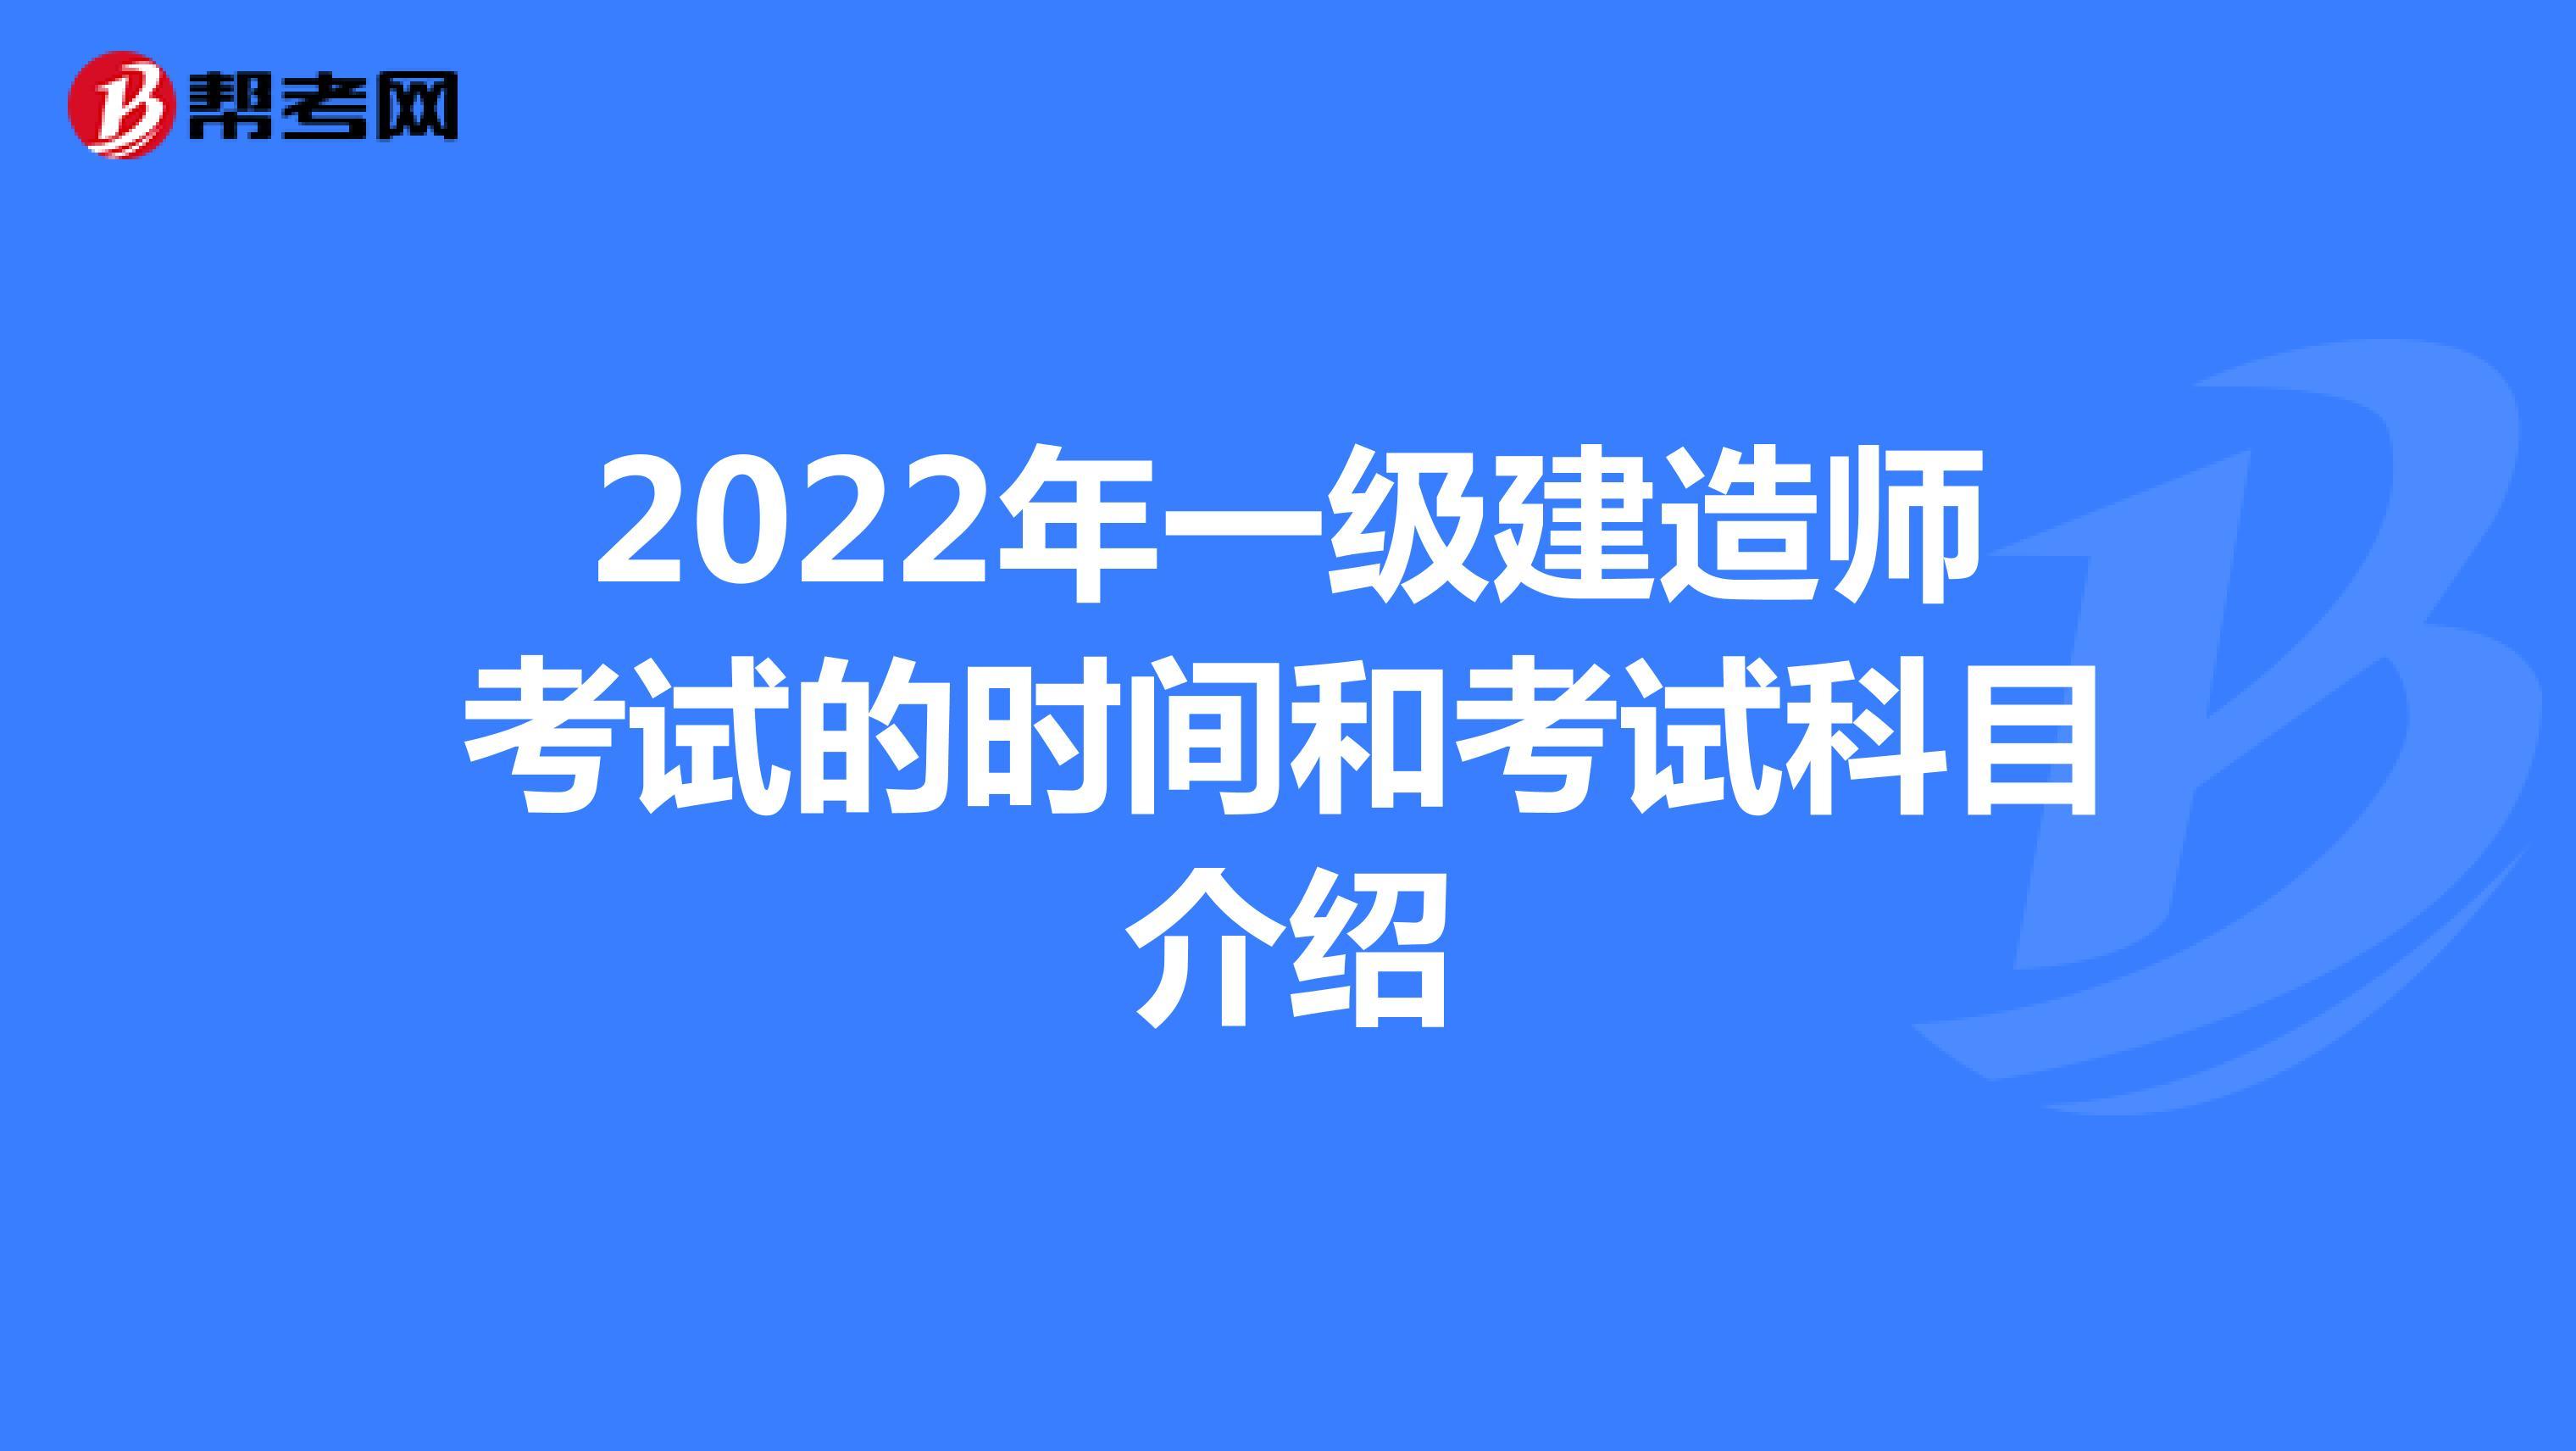 2022年一级建造师考试的时间和考试科目介绍